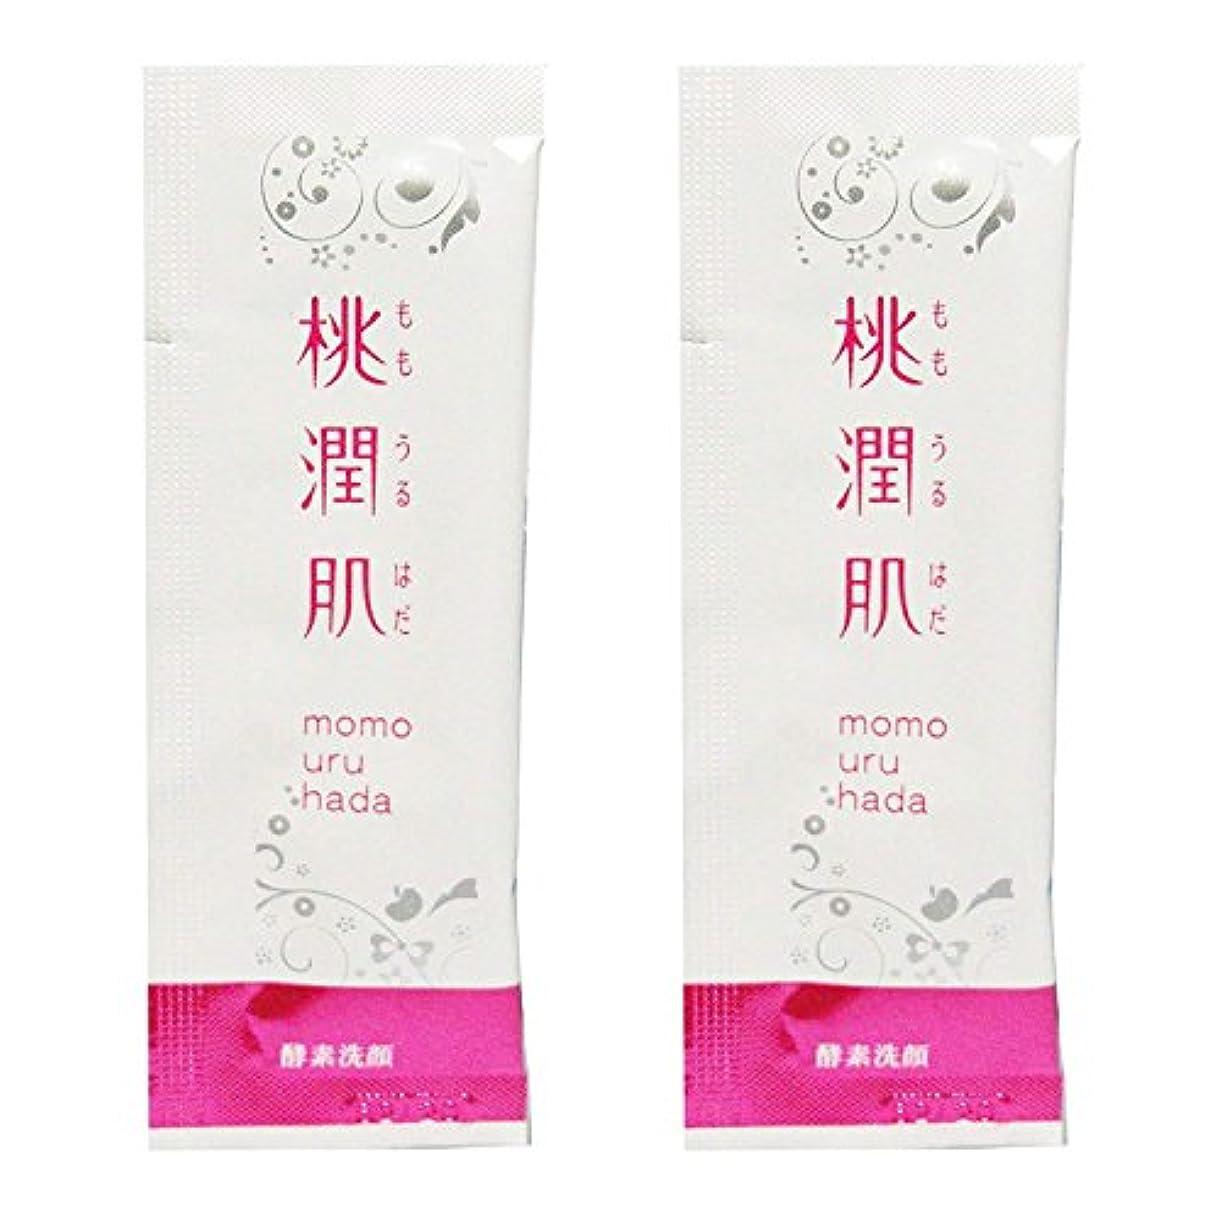 アッパー一部写真のアスティ 桃潤肌 酵素洗顔パウダー お試し用 2回分 (1g×2包)